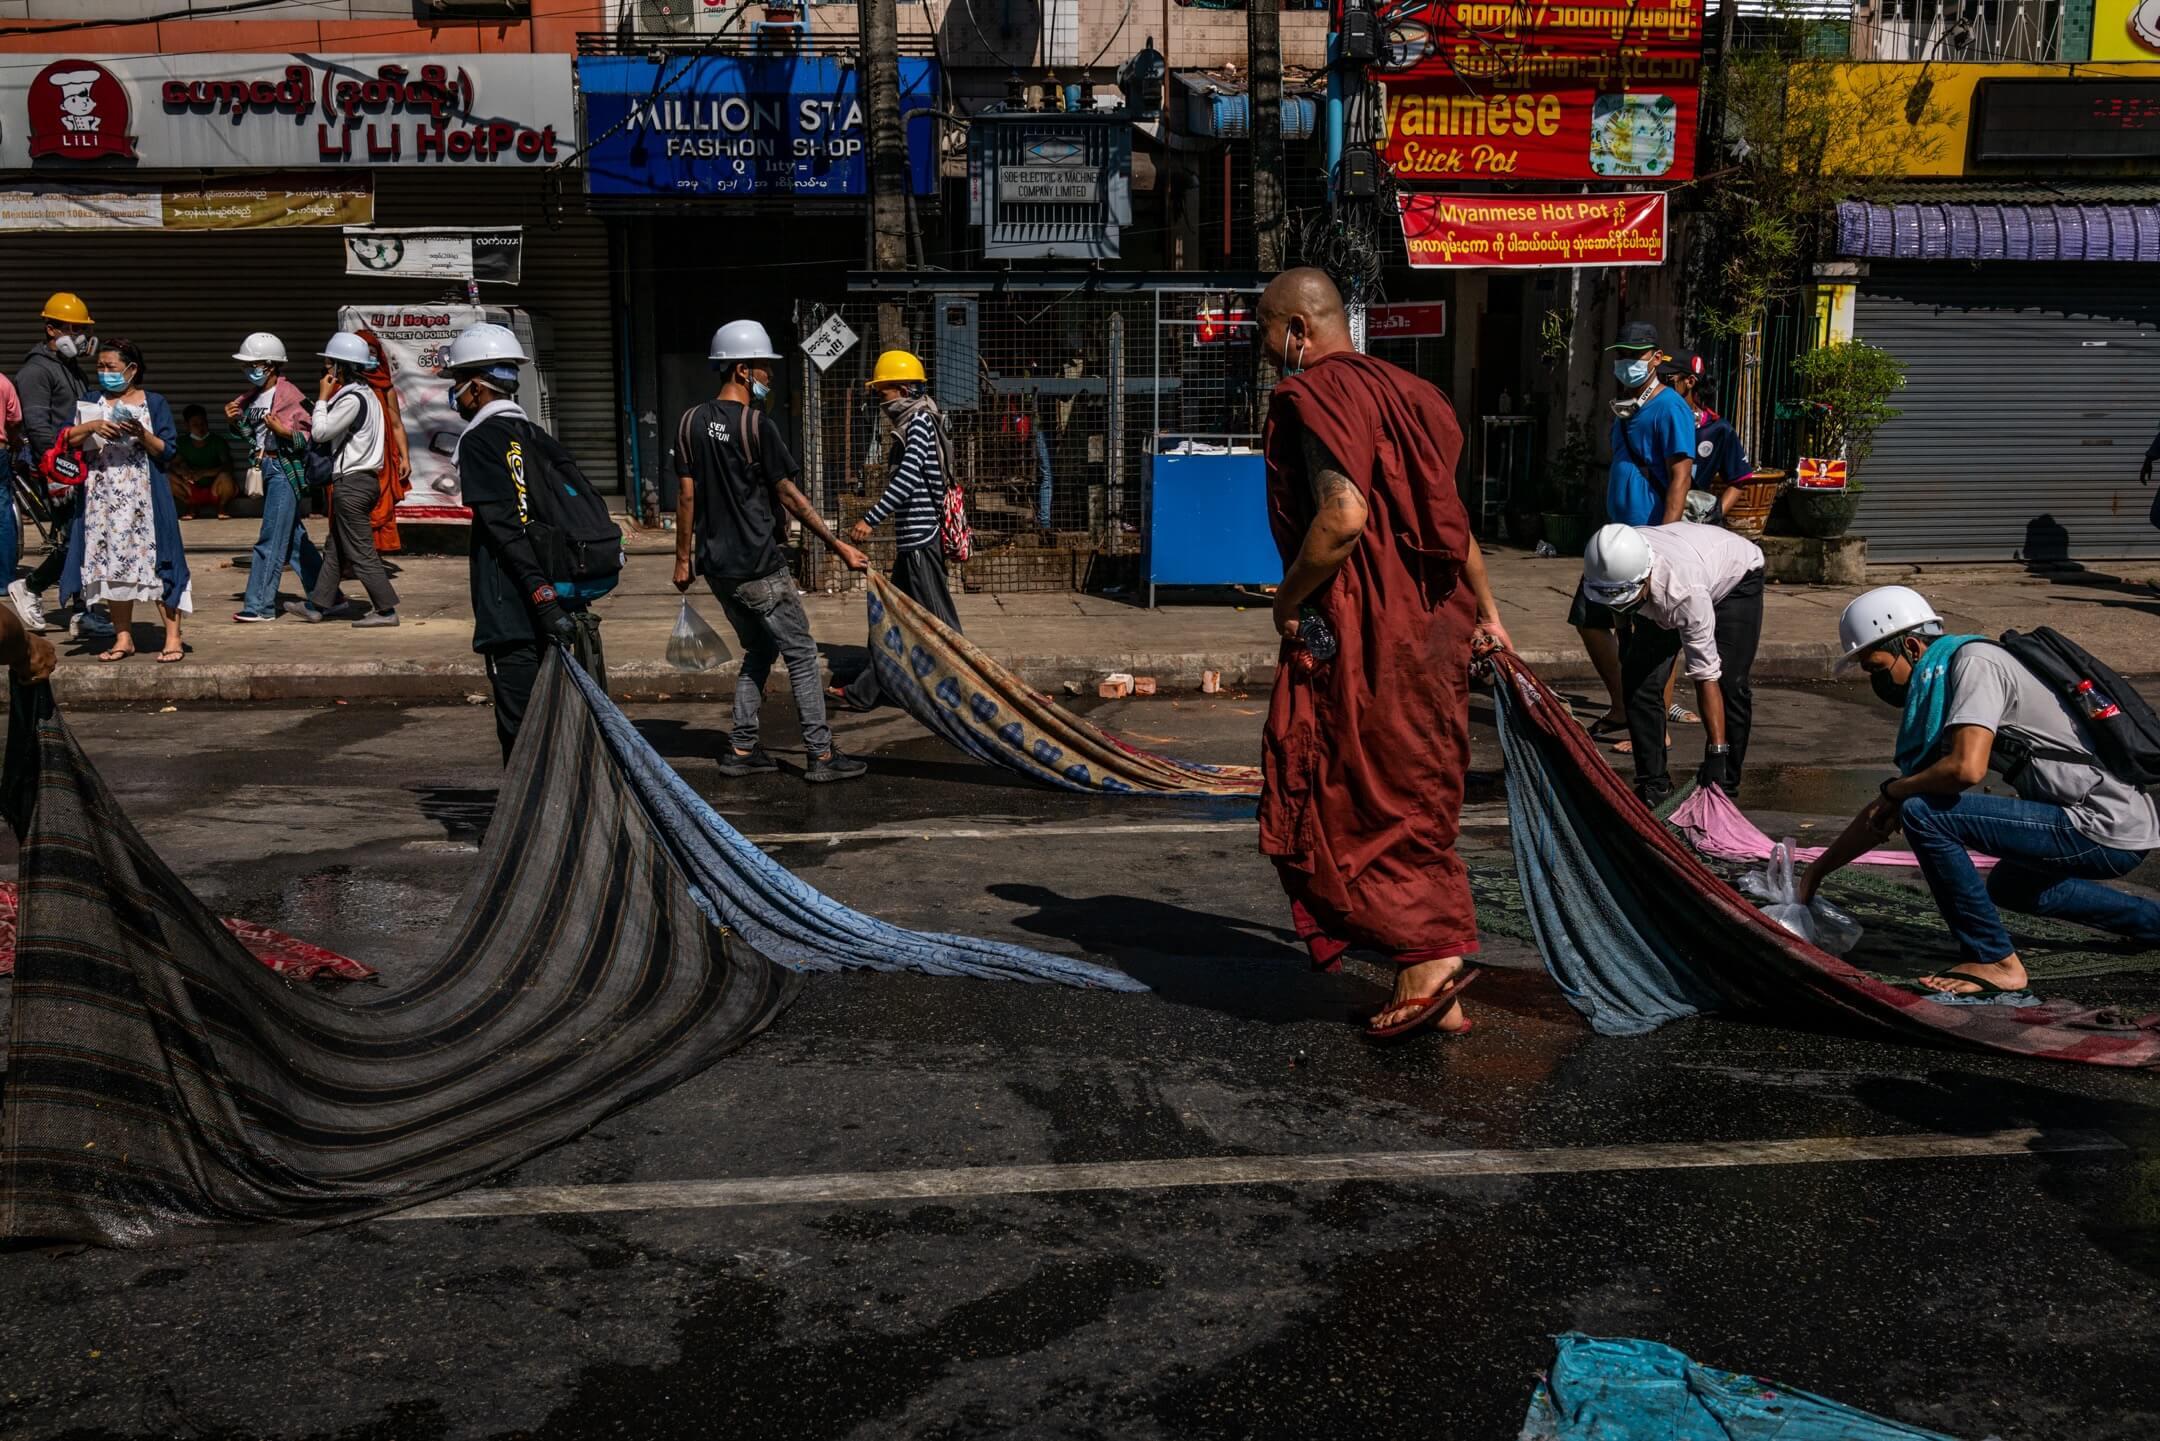 2021年3月1日,緬甸城市仰光,反對軍政府奪權的示威持續,防暴警察驅散示威者後,有市民清理街道上遺下的雜物。 攝:Hkun Lat/Getty Images